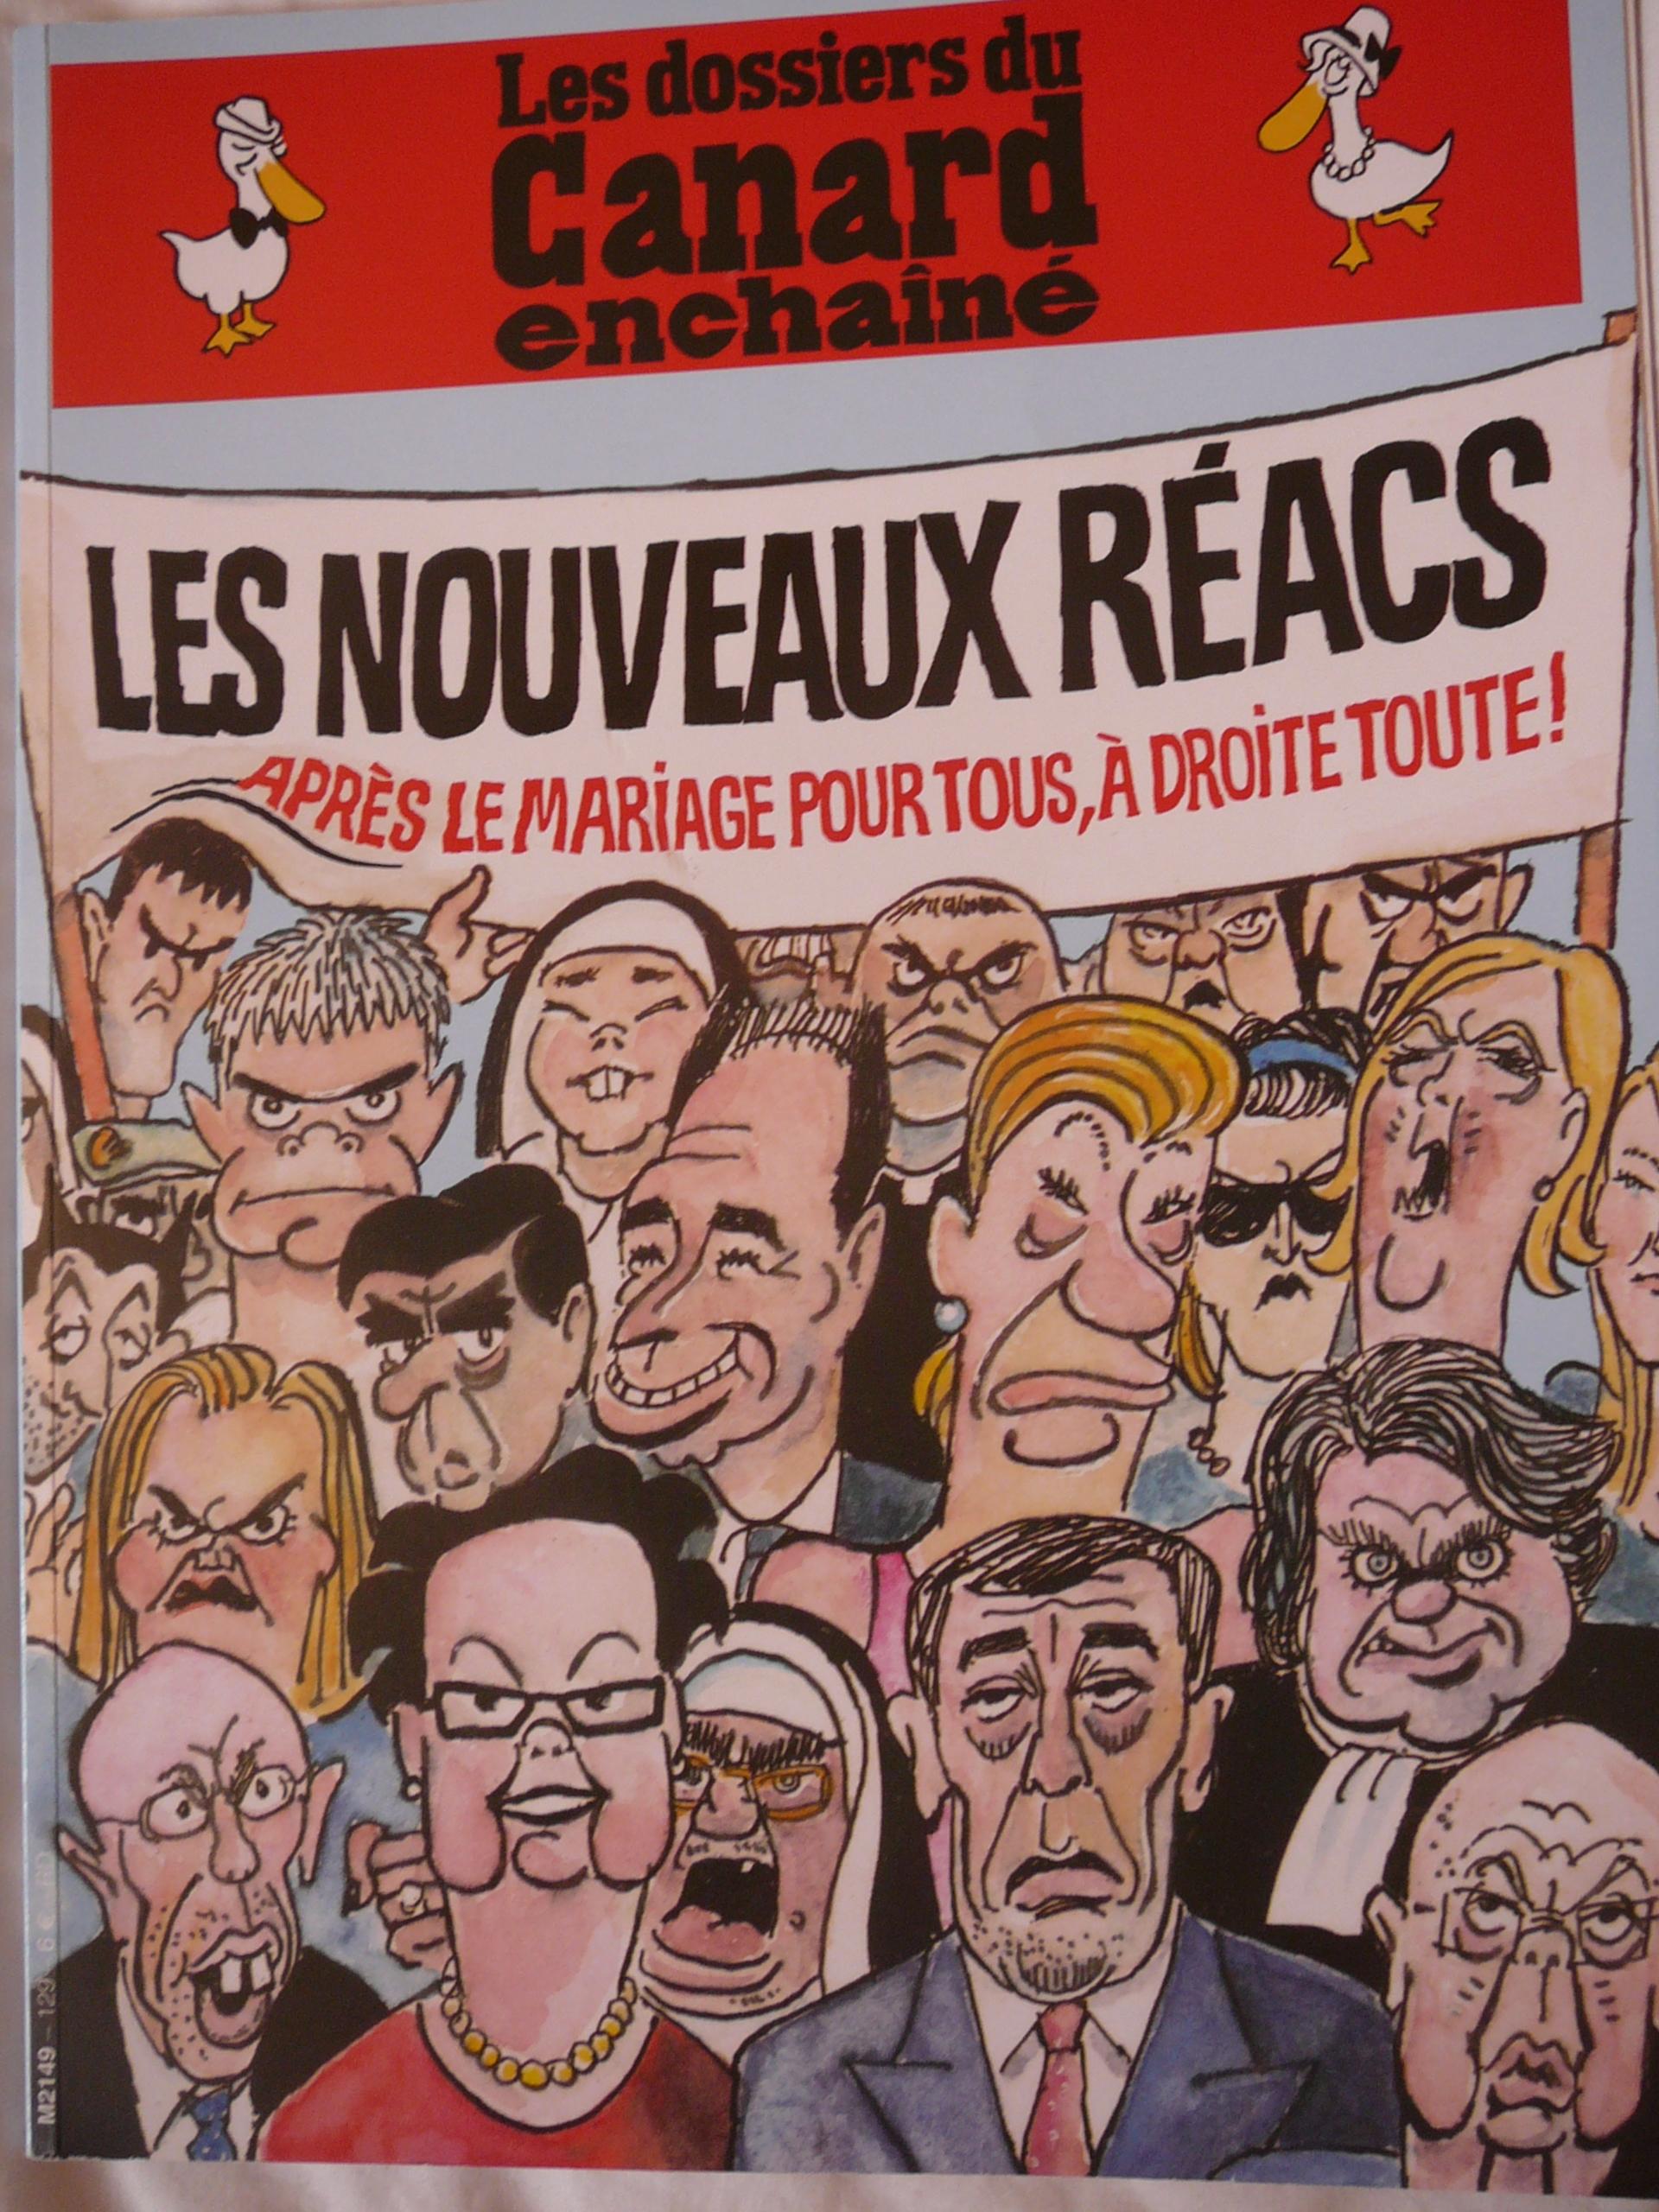 """Les Dossiers du """"Canard enchaîné"""" - Les Nouveaux Réacs"""